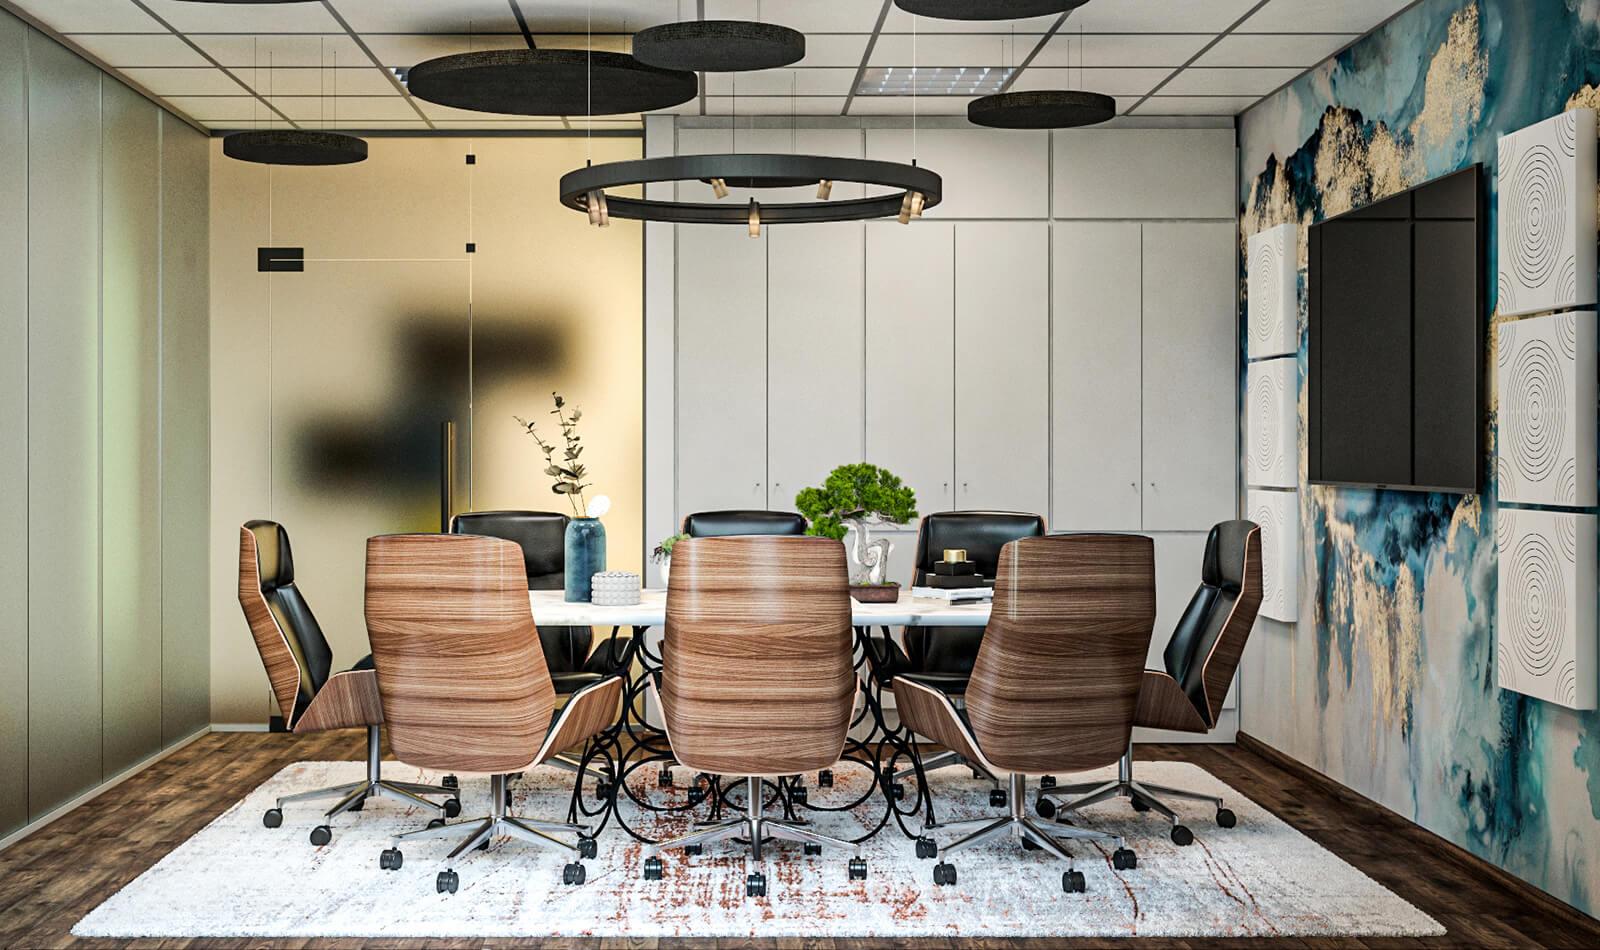 interioren-dizain-na-koferentna-zasedatelna-zala-proekt-RSI